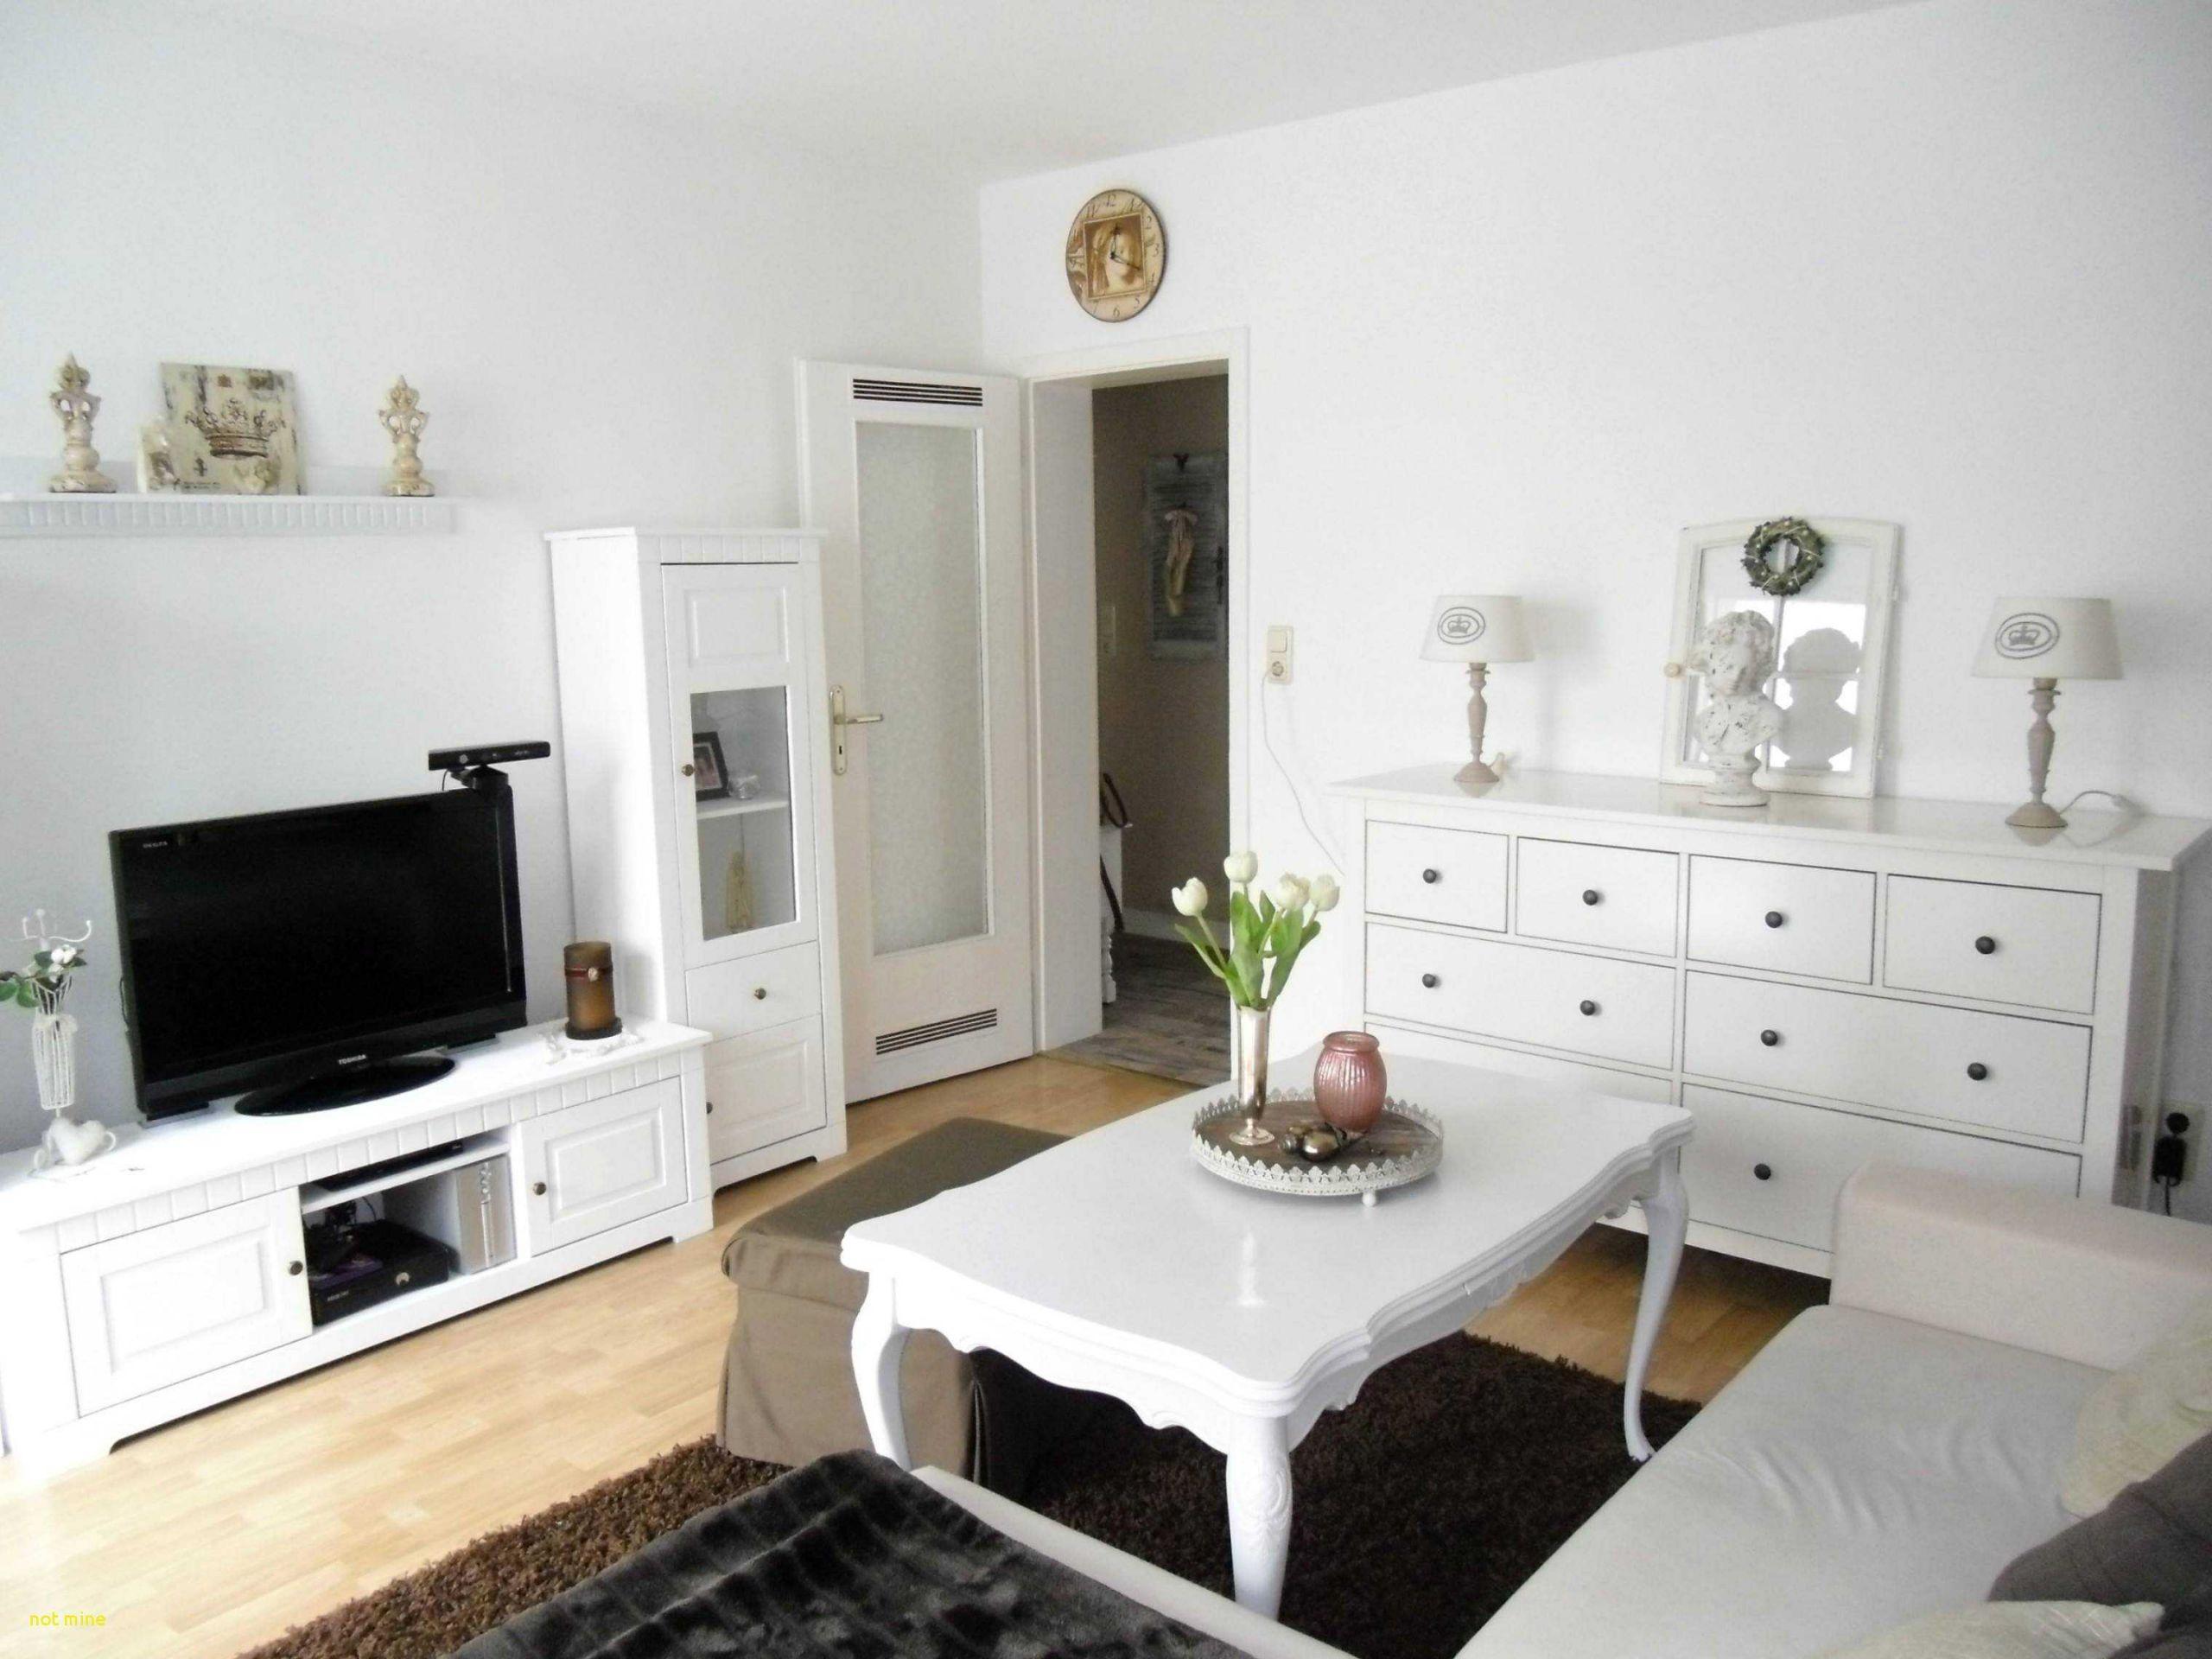 verkaufsschlager wohnzimmer ideen deko flott wohnzimmer deko 0d design von wanddeko ideen wohnzimmer of wanddeko ideen wohnzimmer